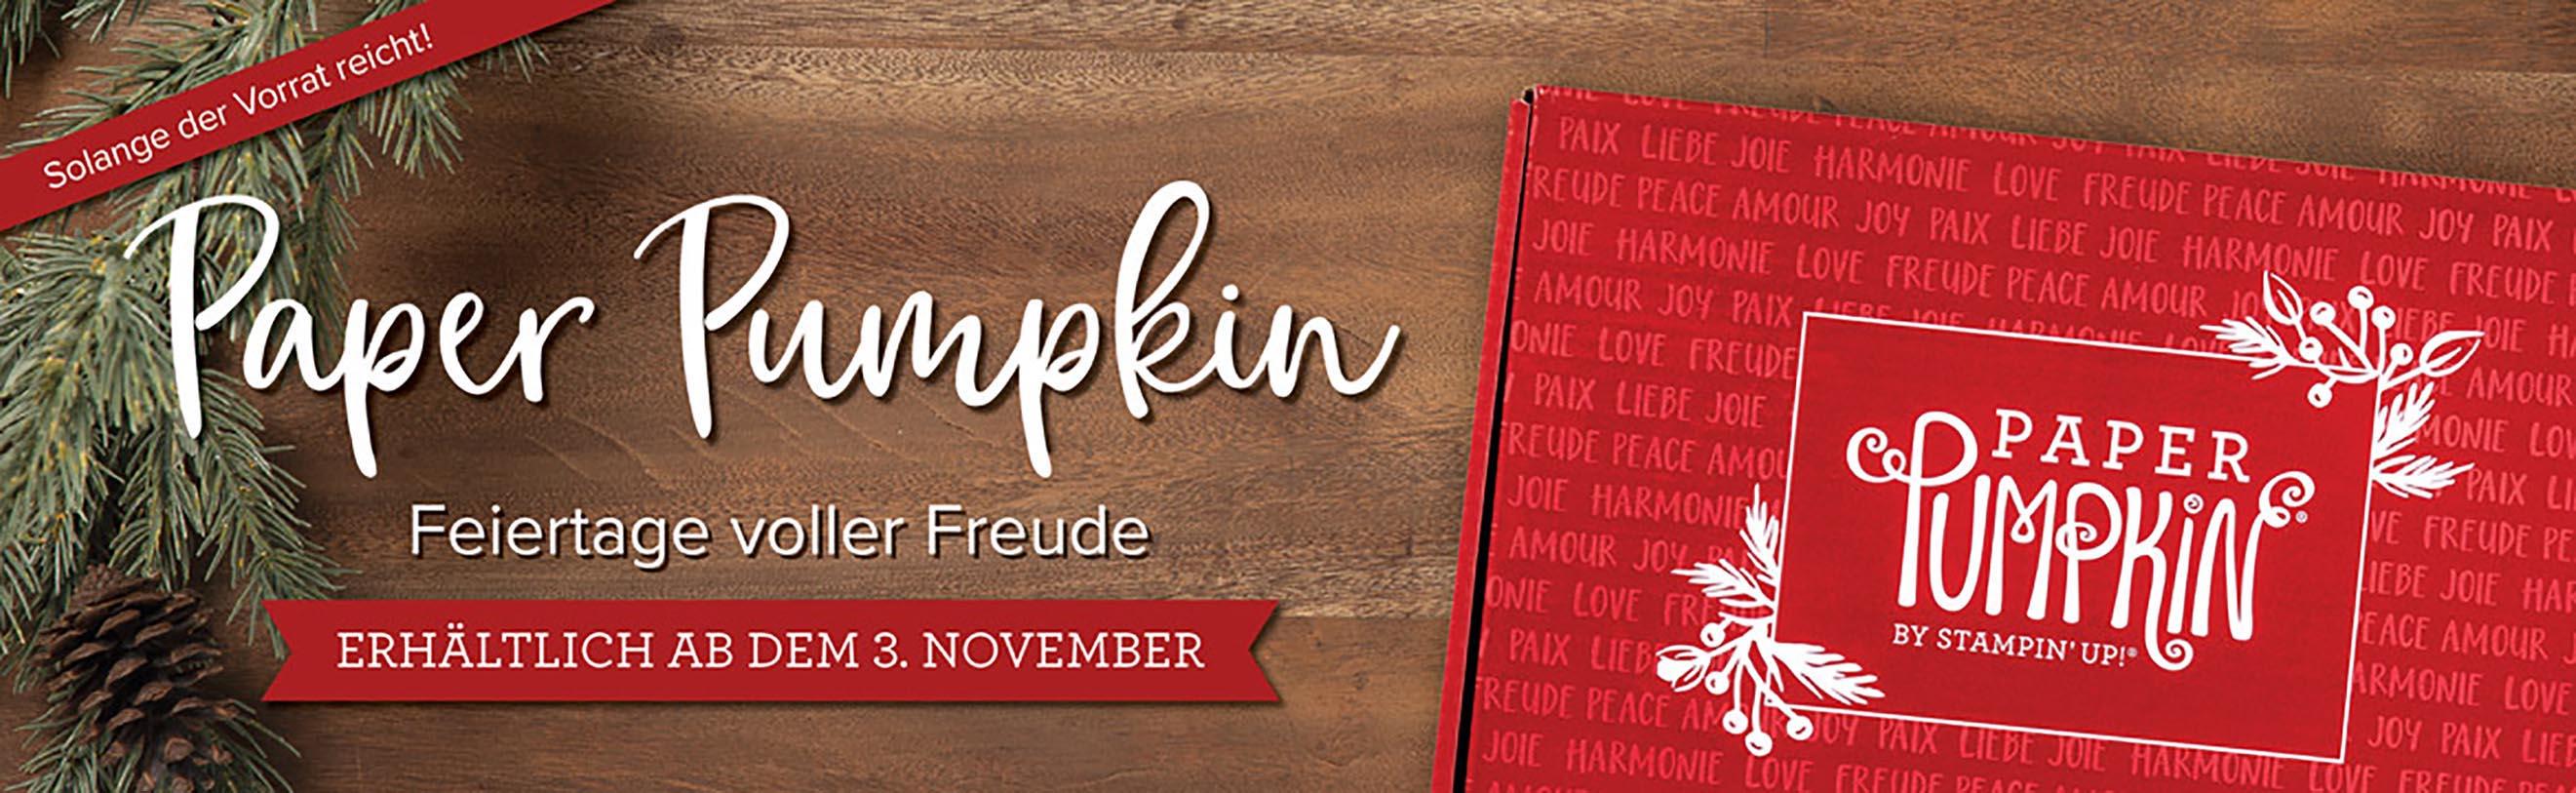 Paper Pumpkin – Feiertage voller Freude